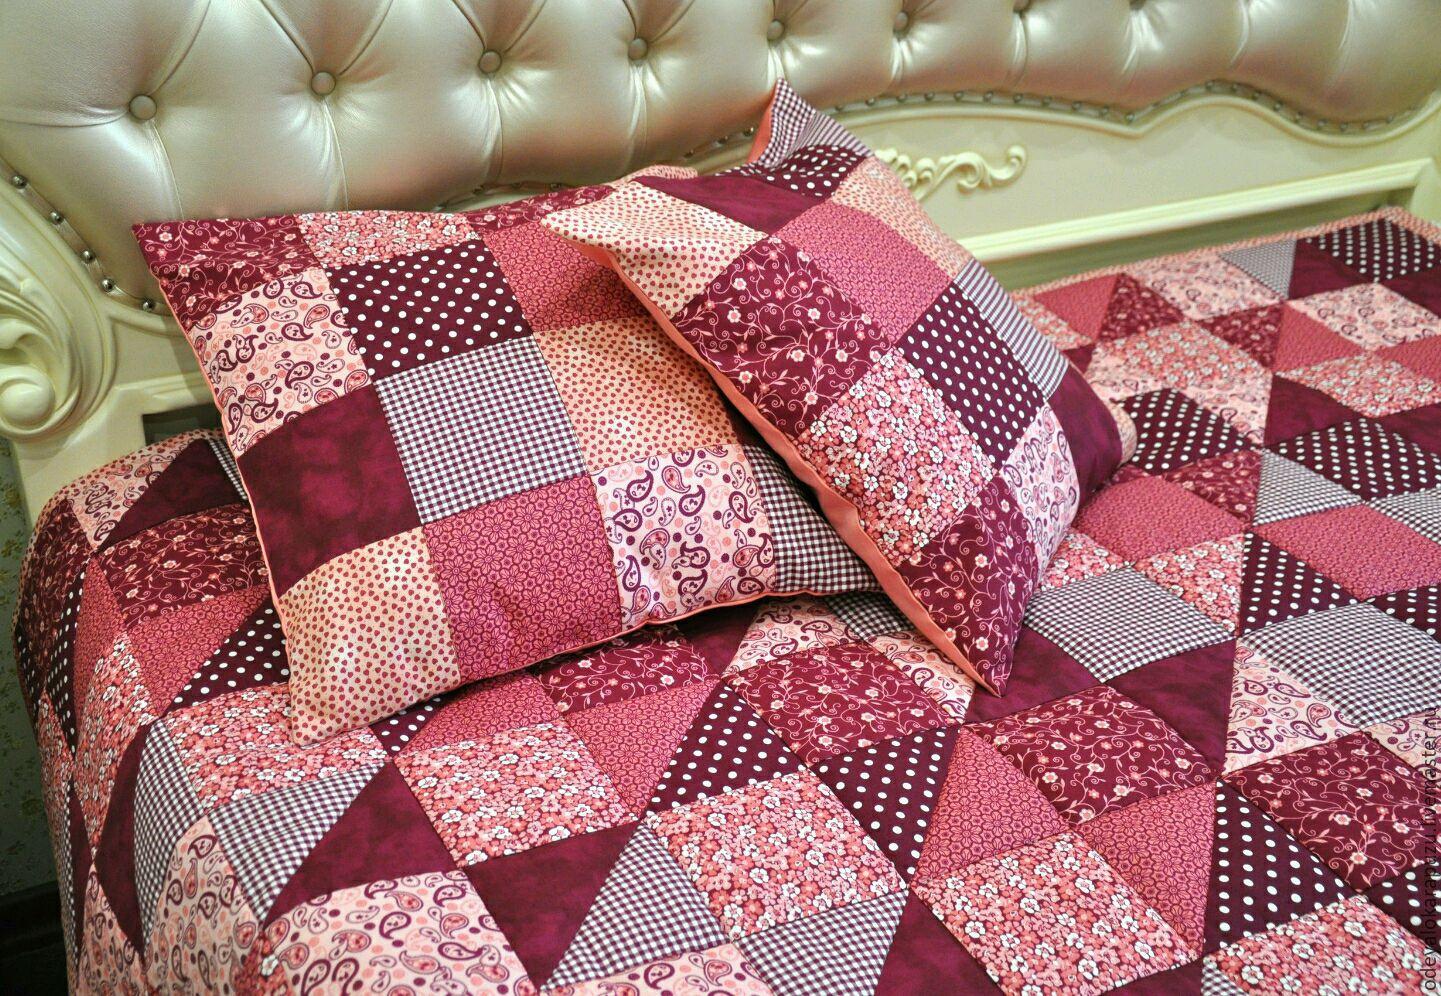 Картинки лоскутного одеяла в цветном варианте